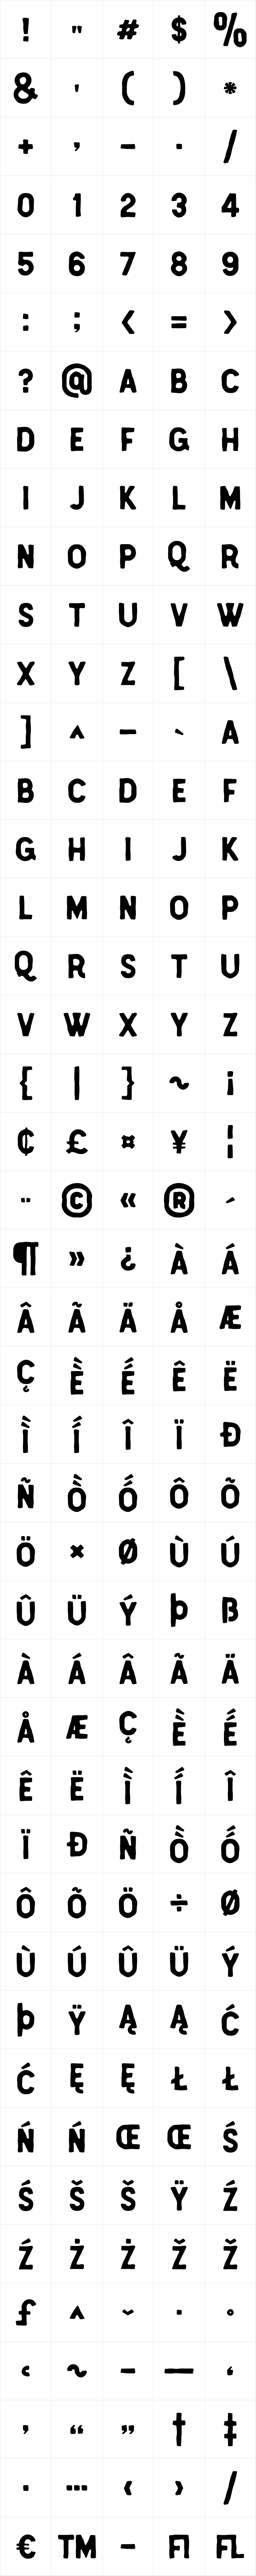 Grindstone Sans